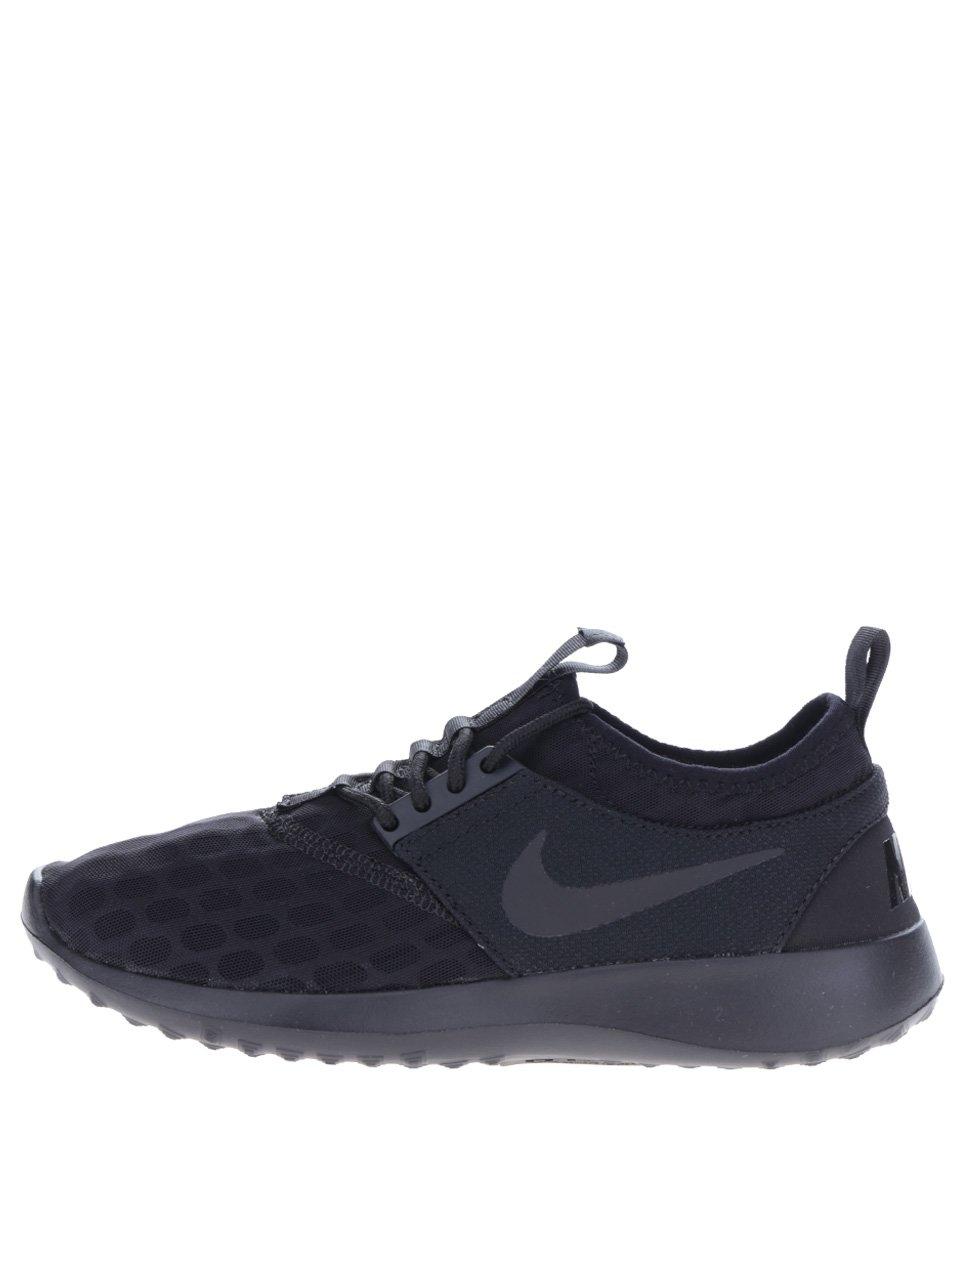 Černé dámské tenisky Nike Juvenate